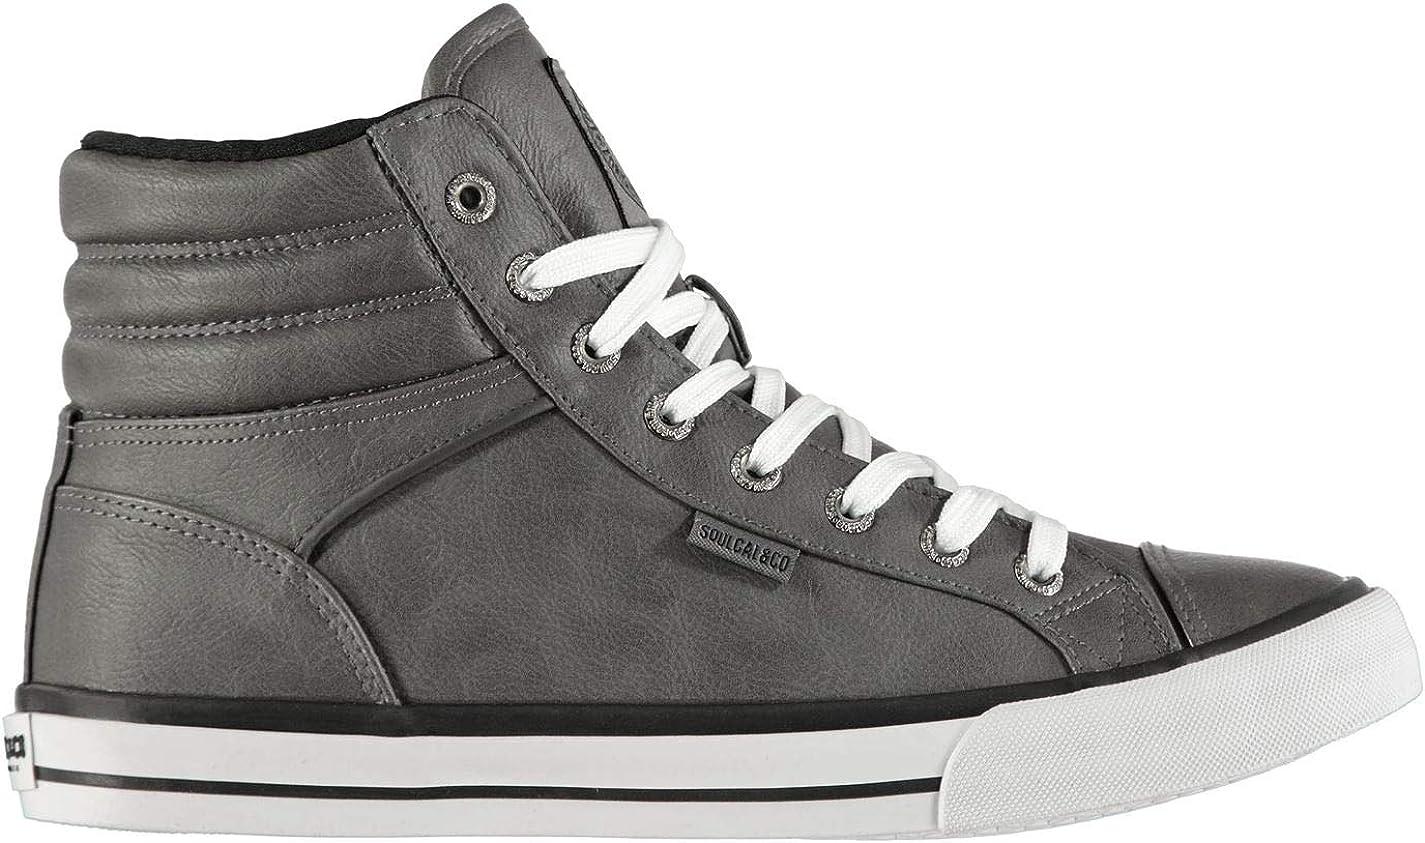 SoulCal Hombre Asti Hi Tops Zapatillas Cordones Zapatos Puntera Suela Robusta: Amazon.es: Zapatos y complementos